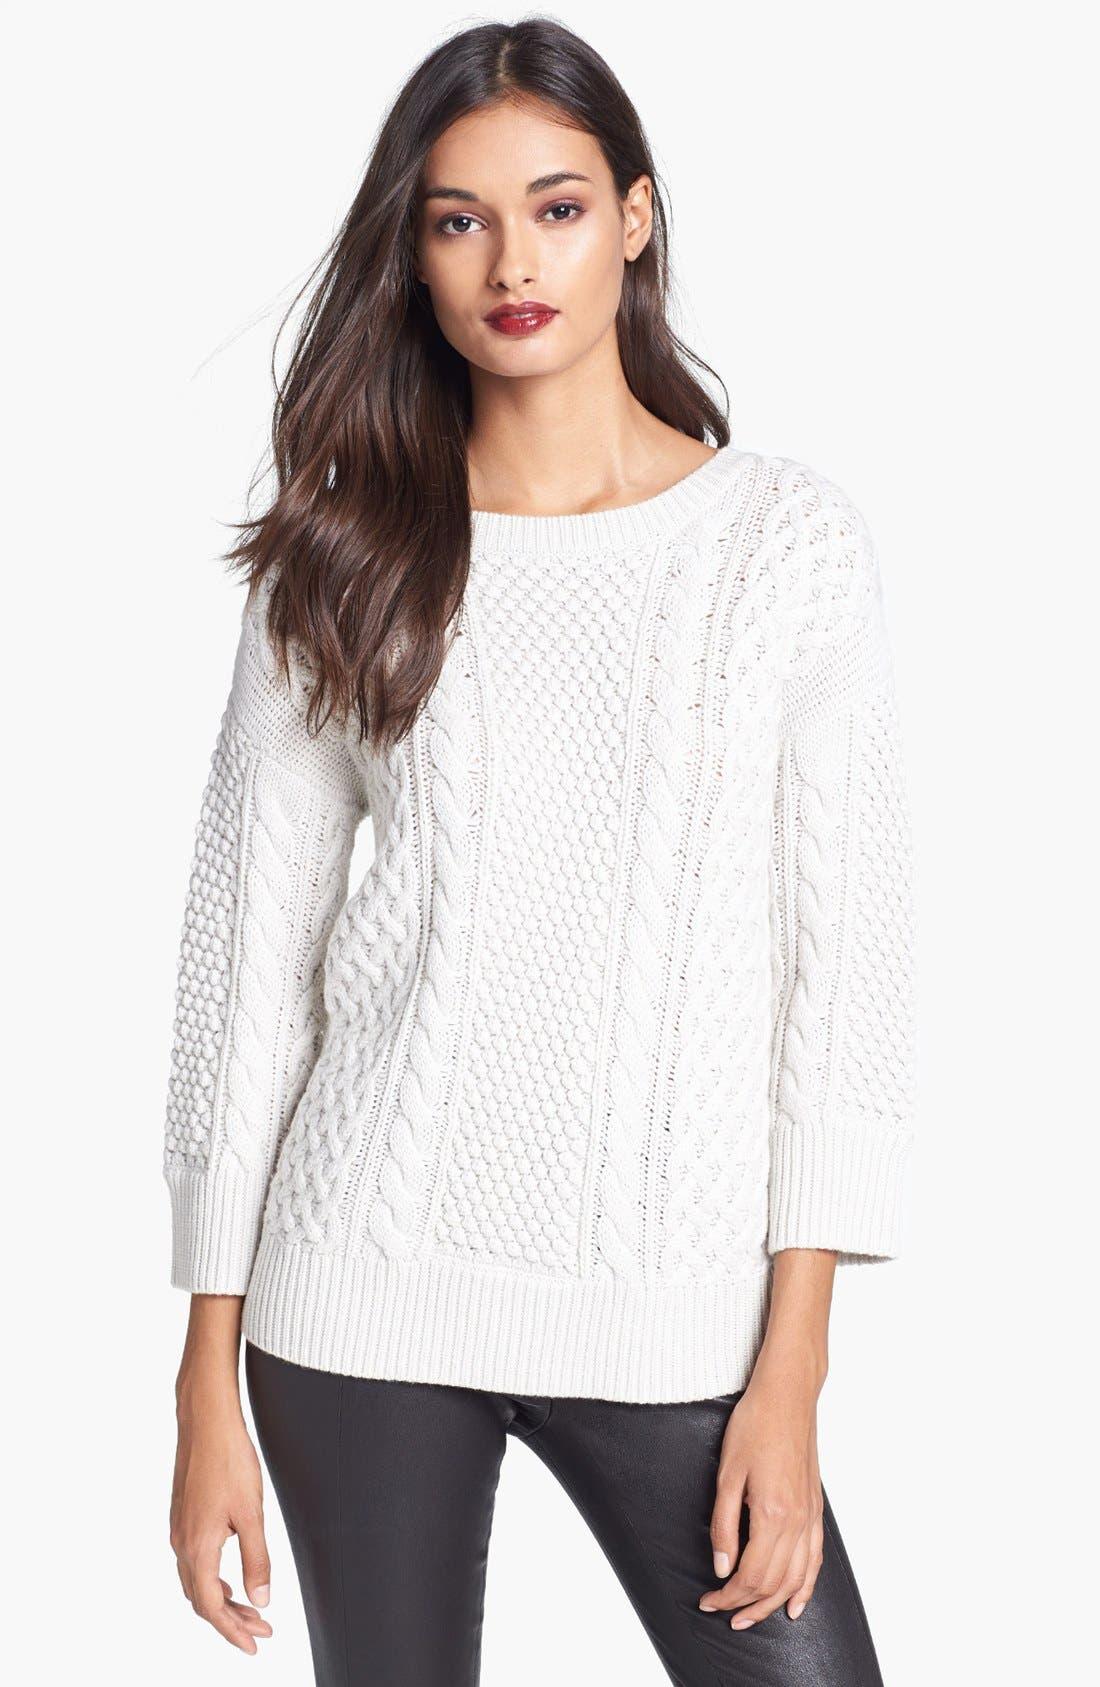 Main Image - Trina Turk 'Haya' Merino Wool Sweater